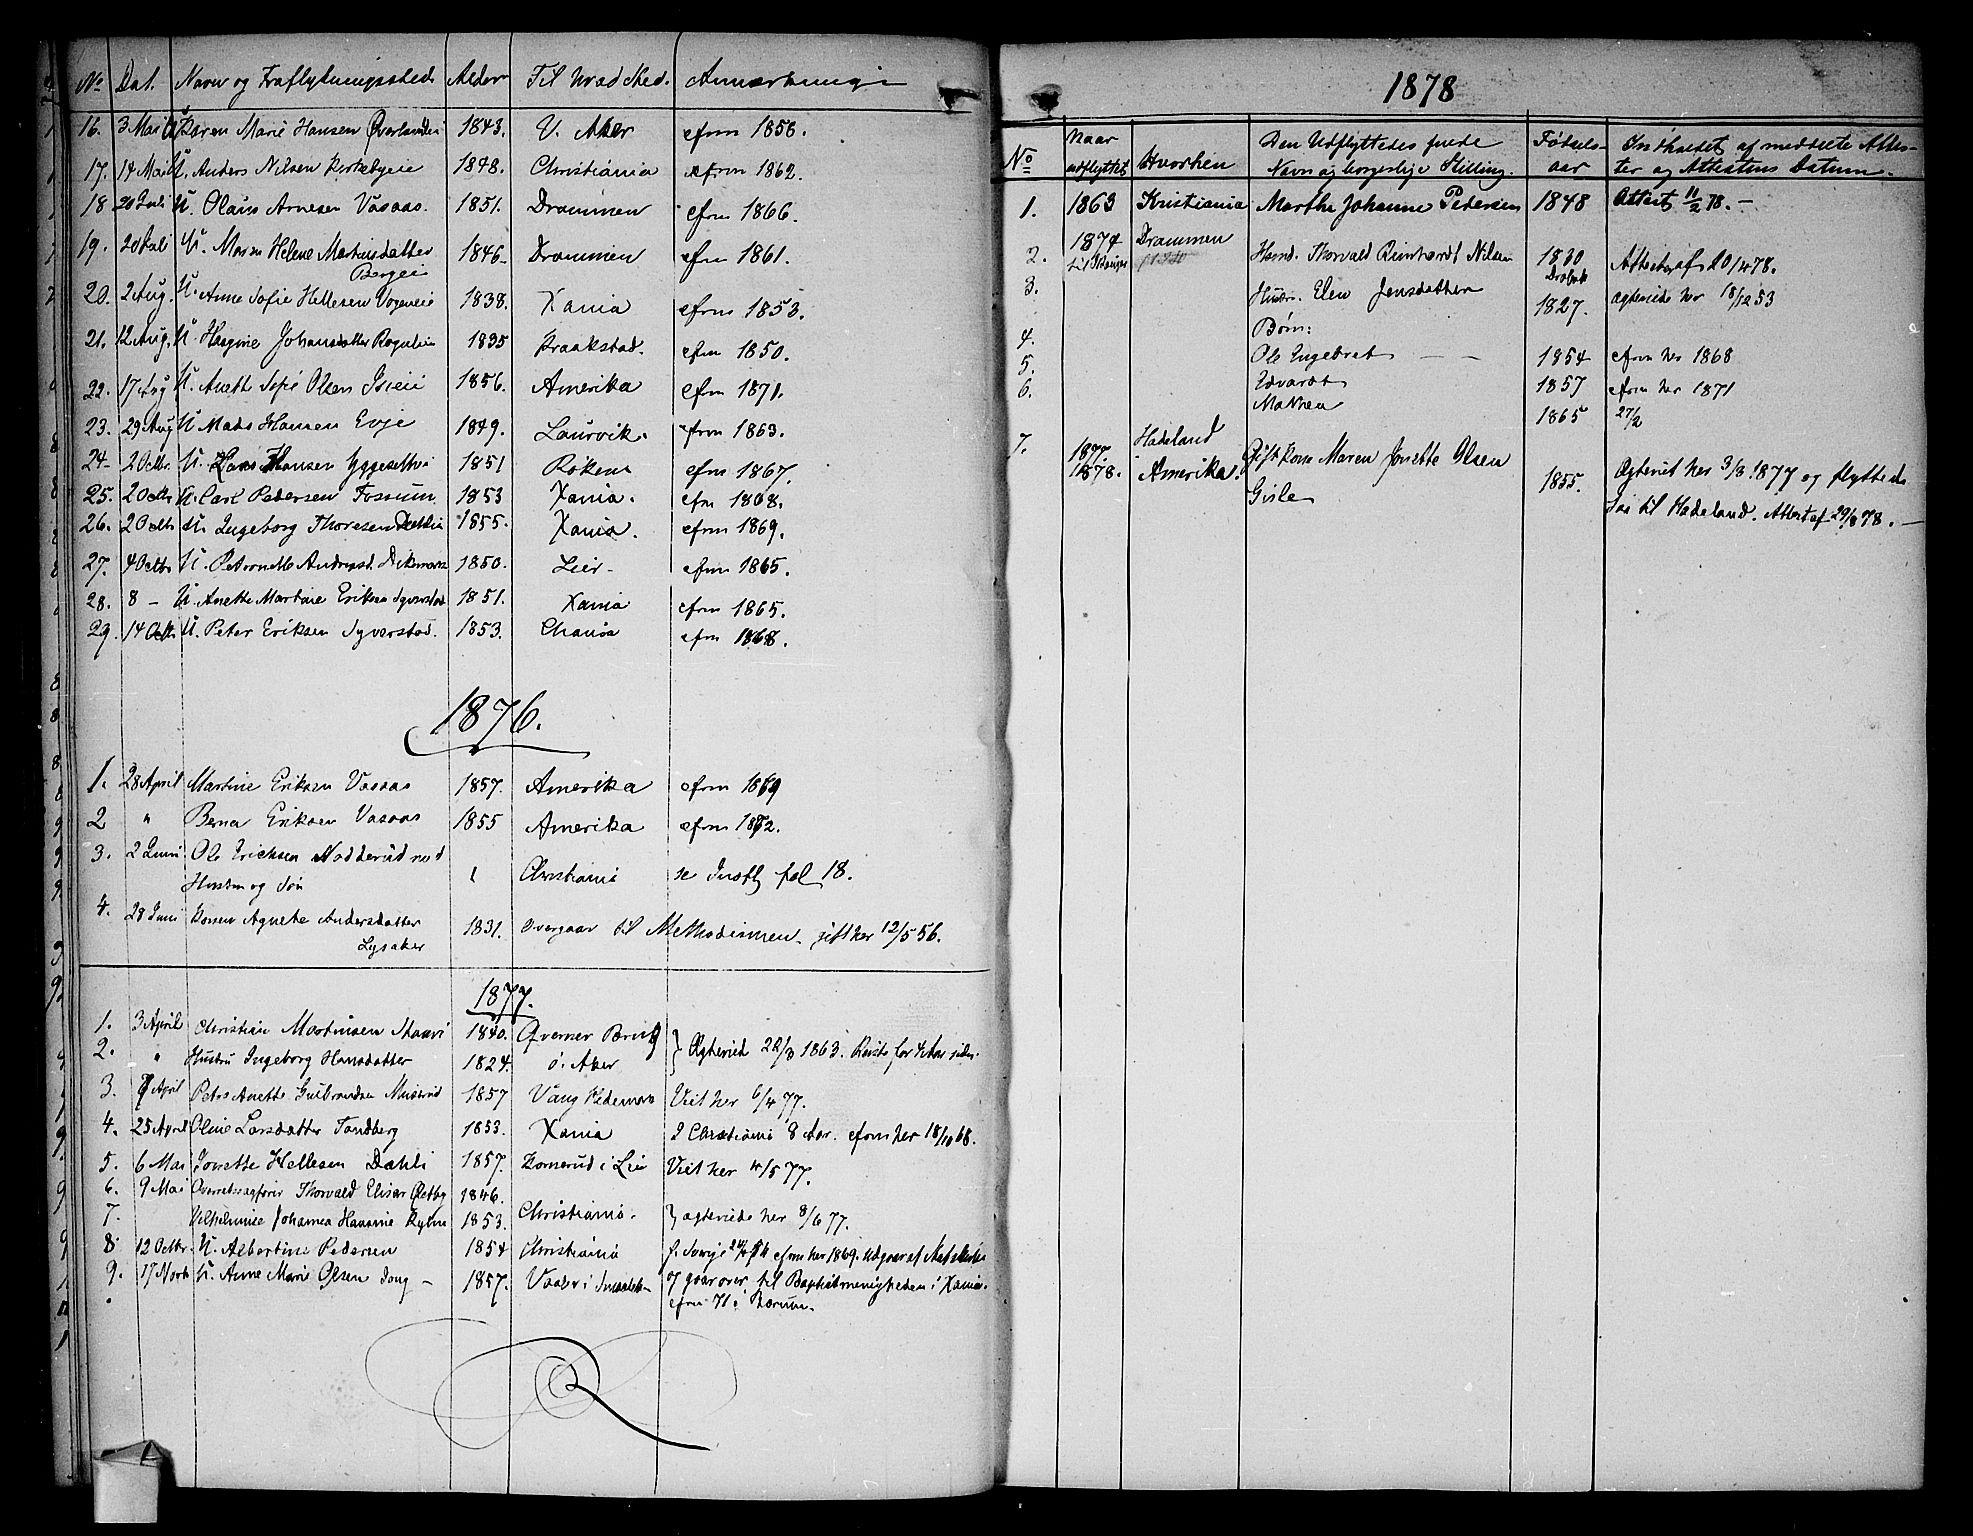 SAO, Asker prestekontor Kirkebøker, F/Fa/L0012: Ministerialbok nr. I 12, 1825-1878